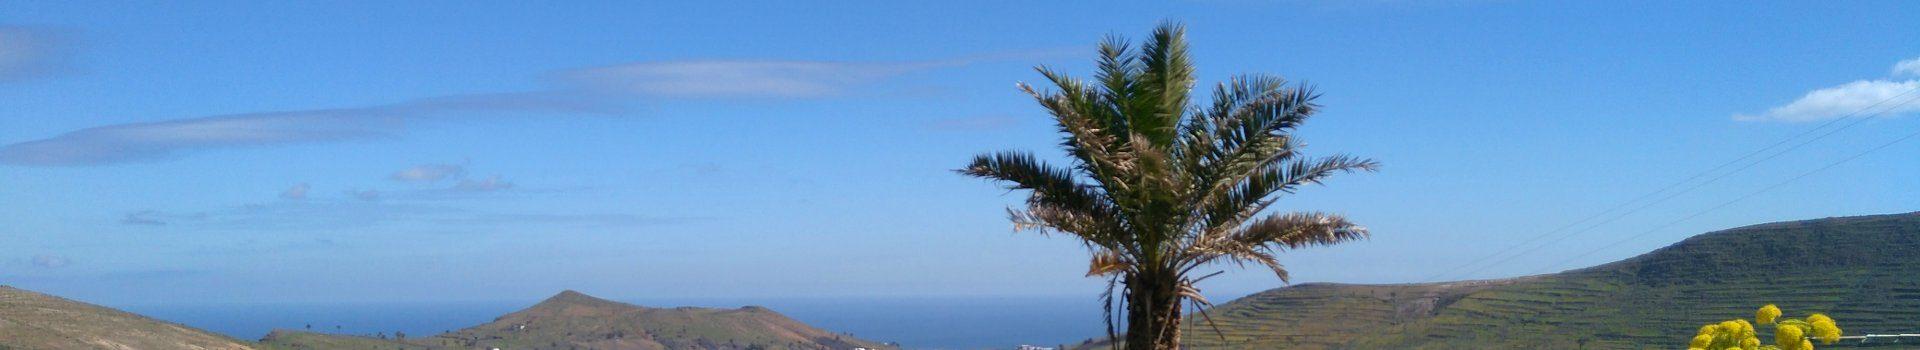 Lanzarote Ferienwohnung